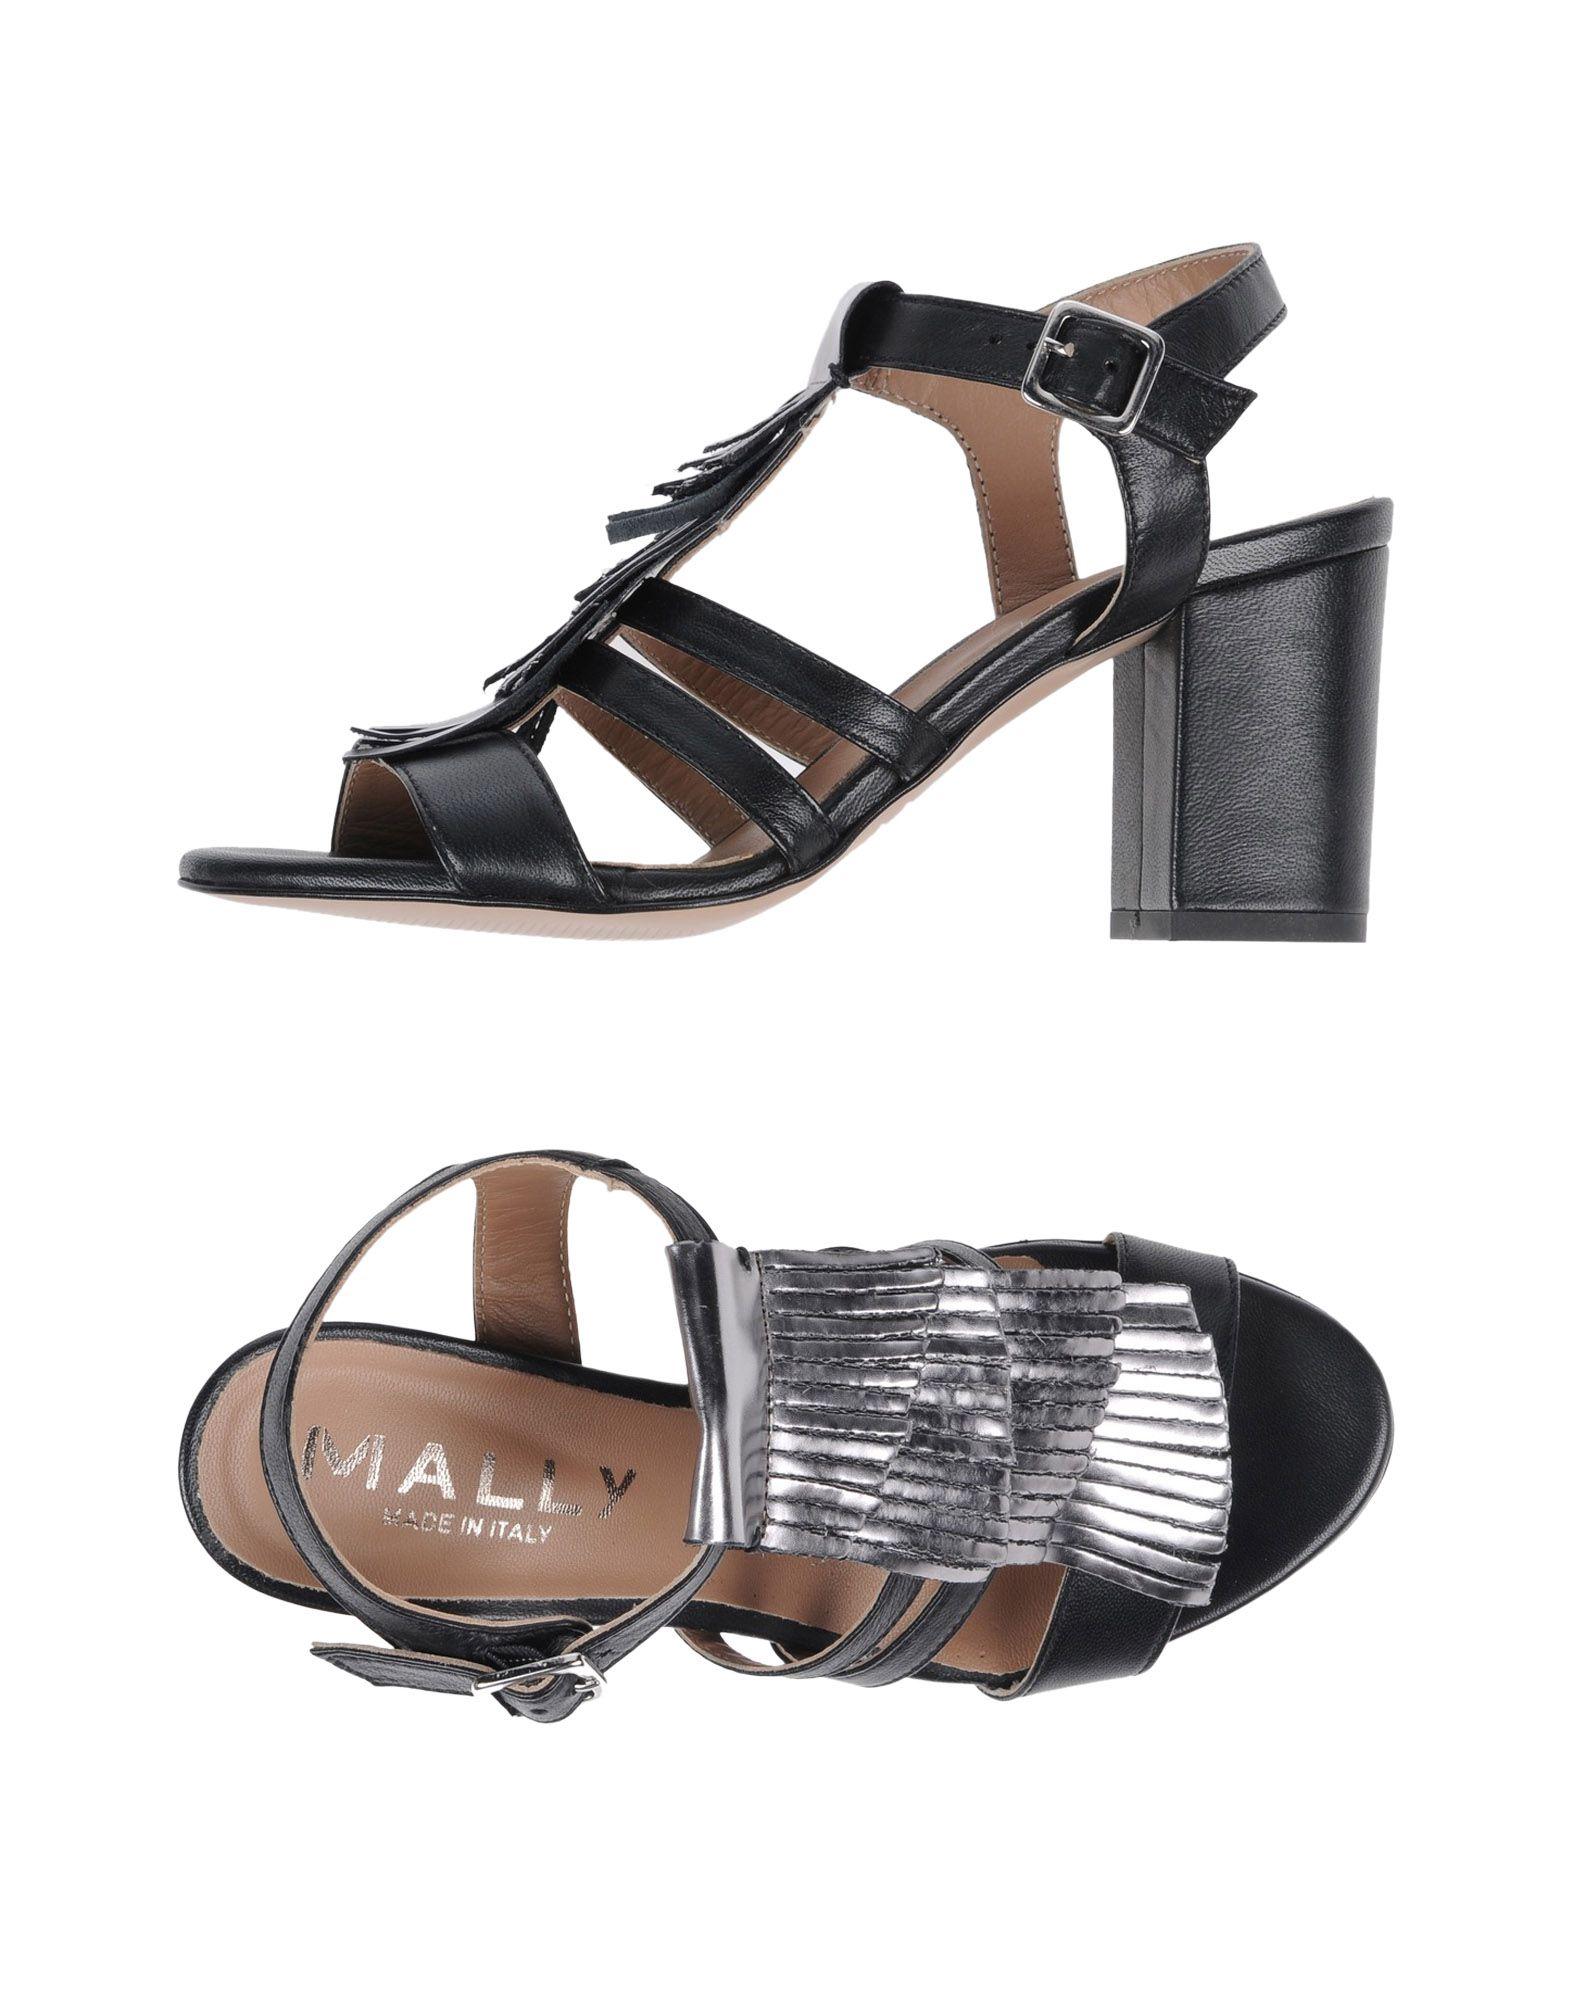 mally sandales - - sandales femmes mally sandales en ligne le royaume - uni - 11462963bq 623fa2